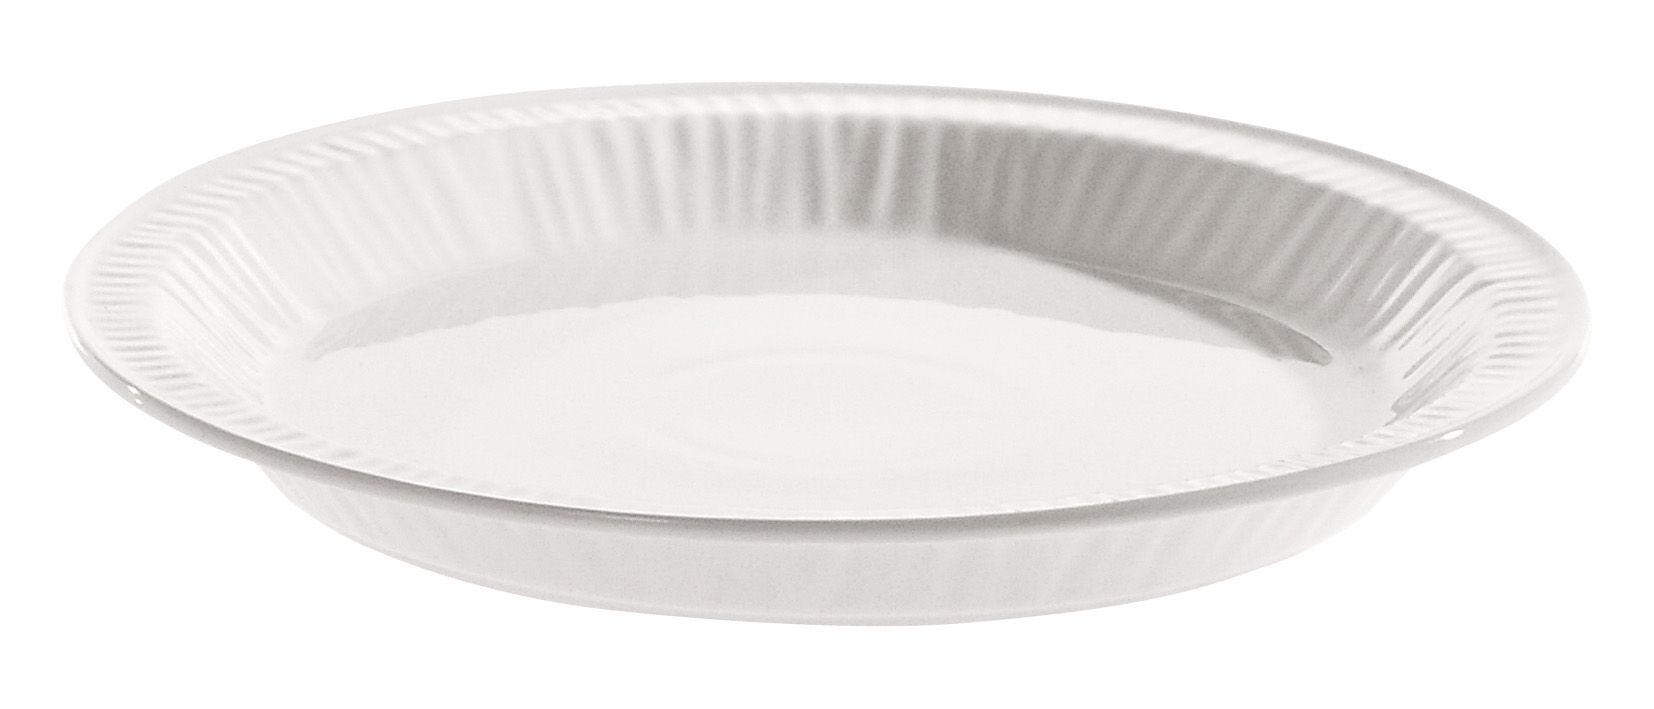 Tischkultur - Teller - Estetico quotidiano Dessertteller Ø 20 cm - aus Porzellan - Seletti - Weiß / Dessertteller Ø 20 cm - Porzellan